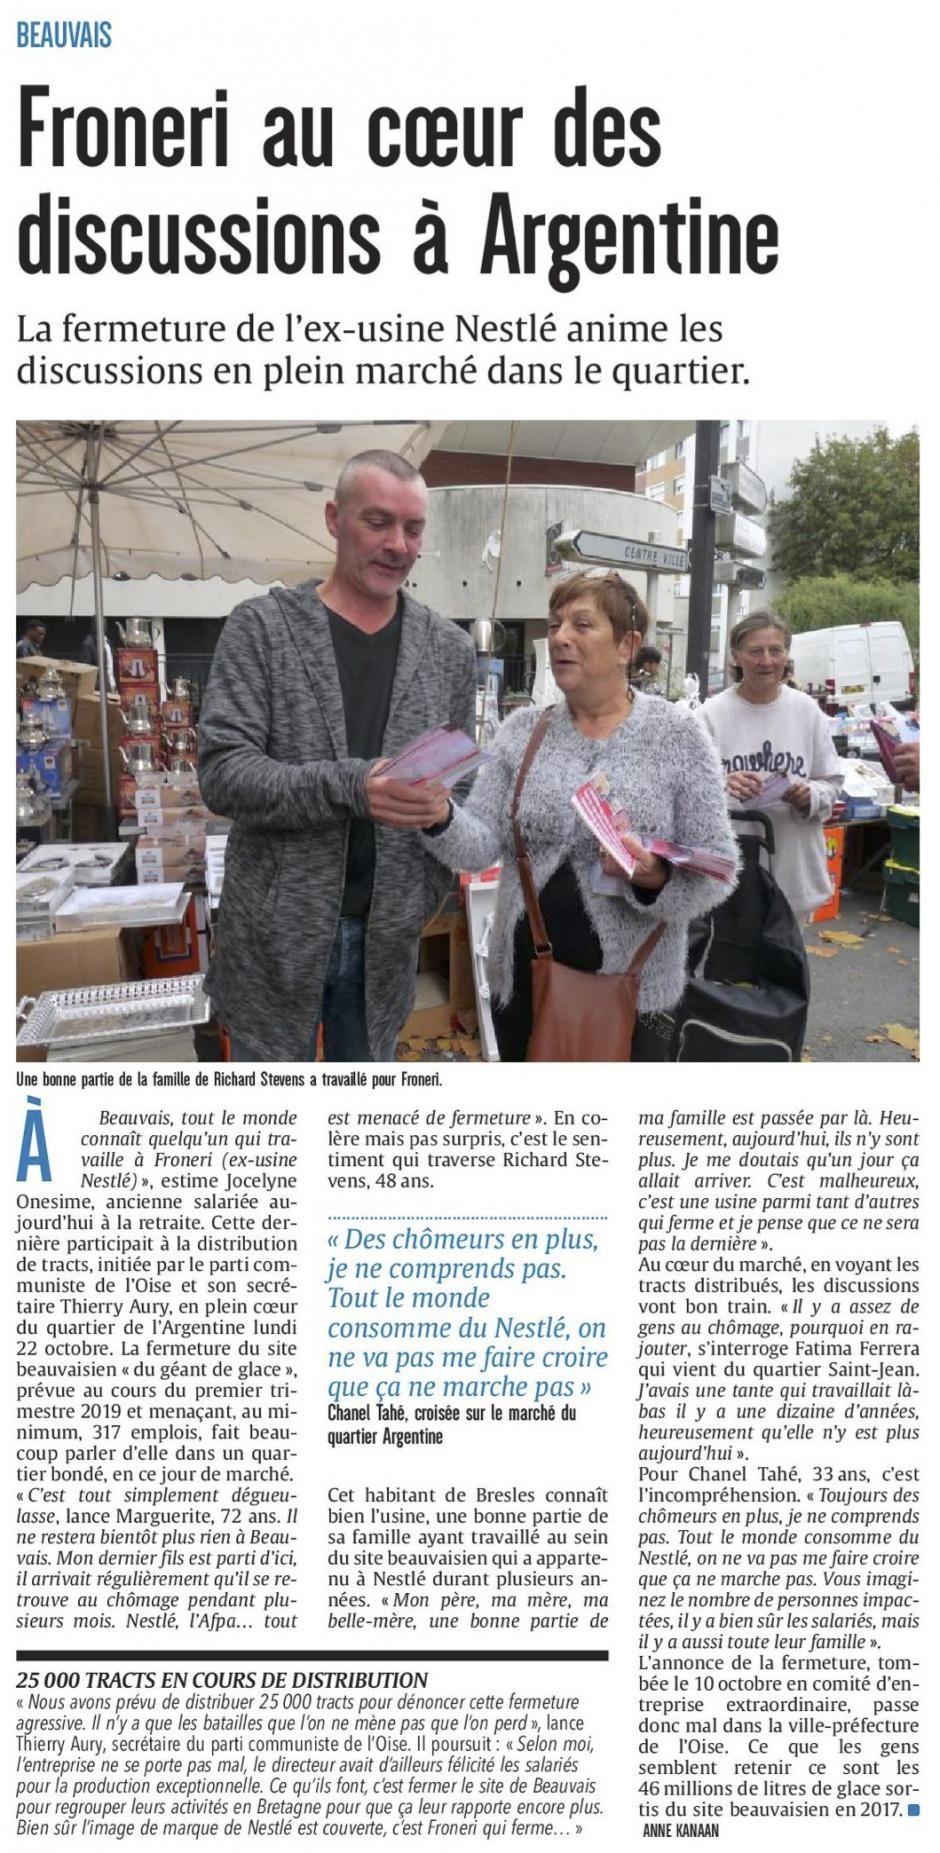 20181023-CP-Beauvais-Froneri au cœur des discussions à Argentine